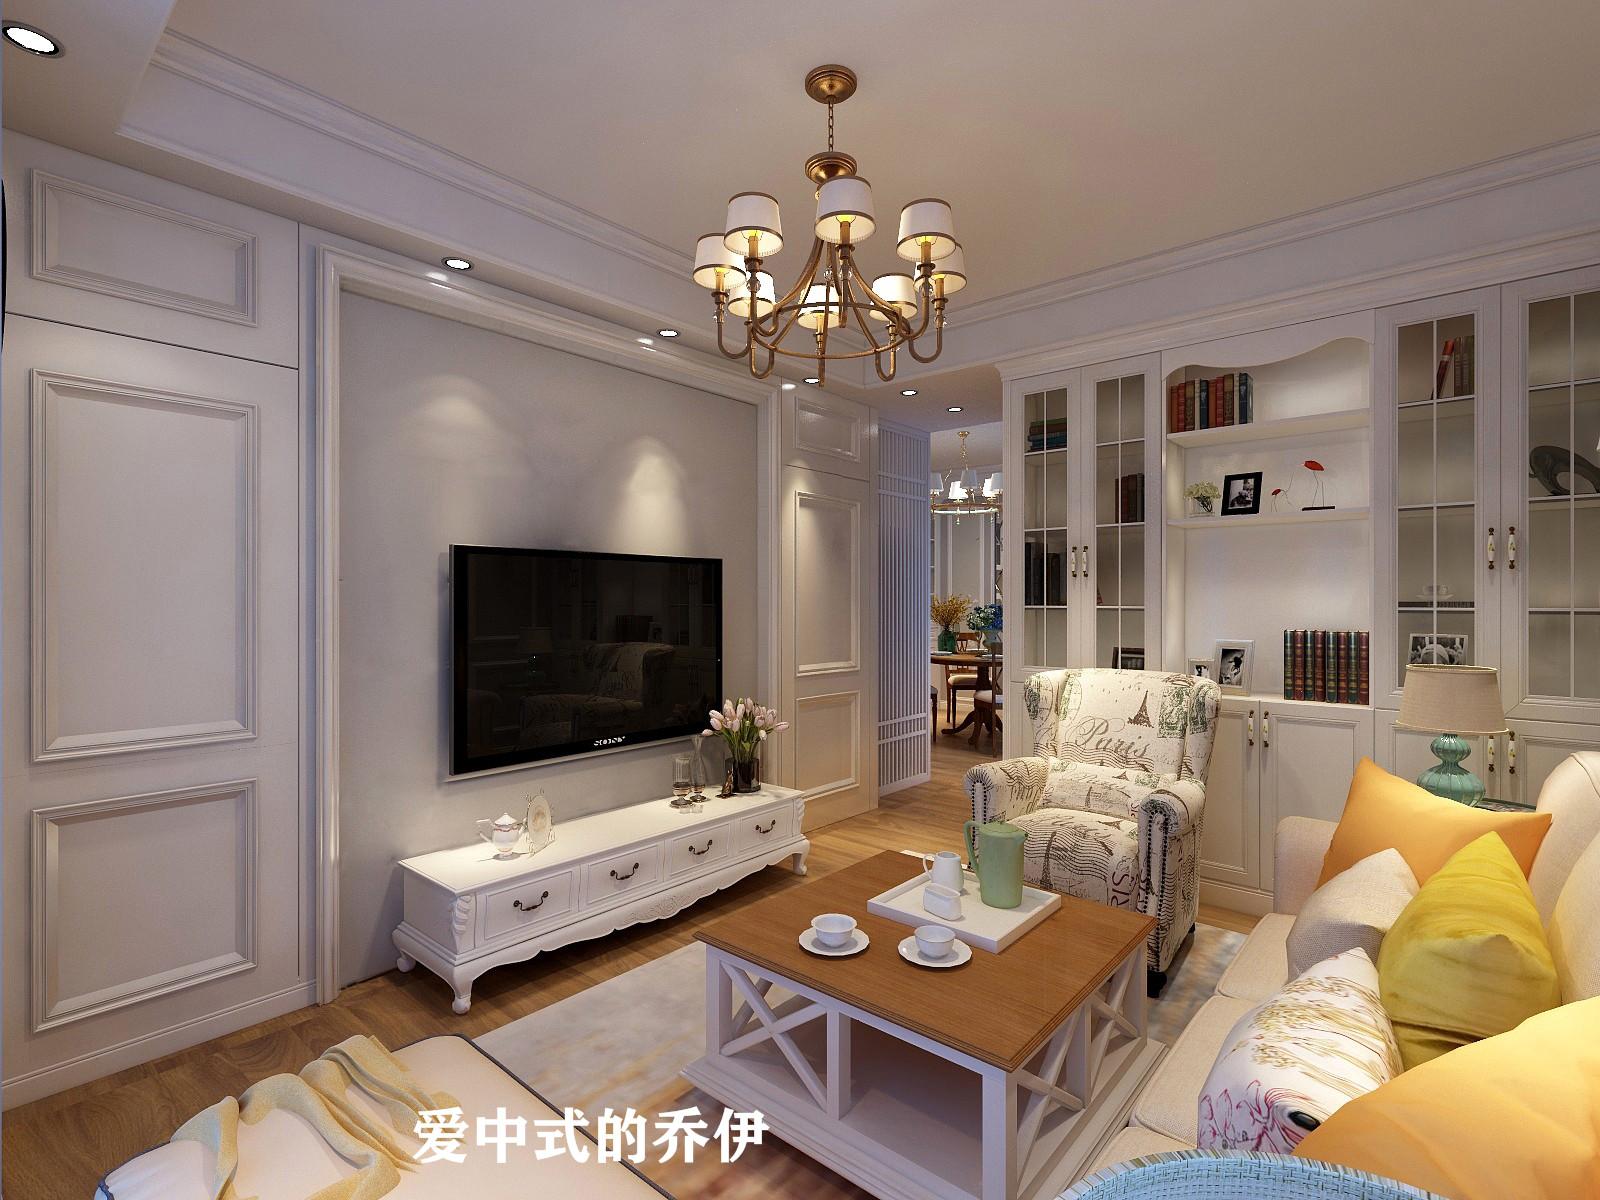 美式风格三居室电视背景墙装修效果图